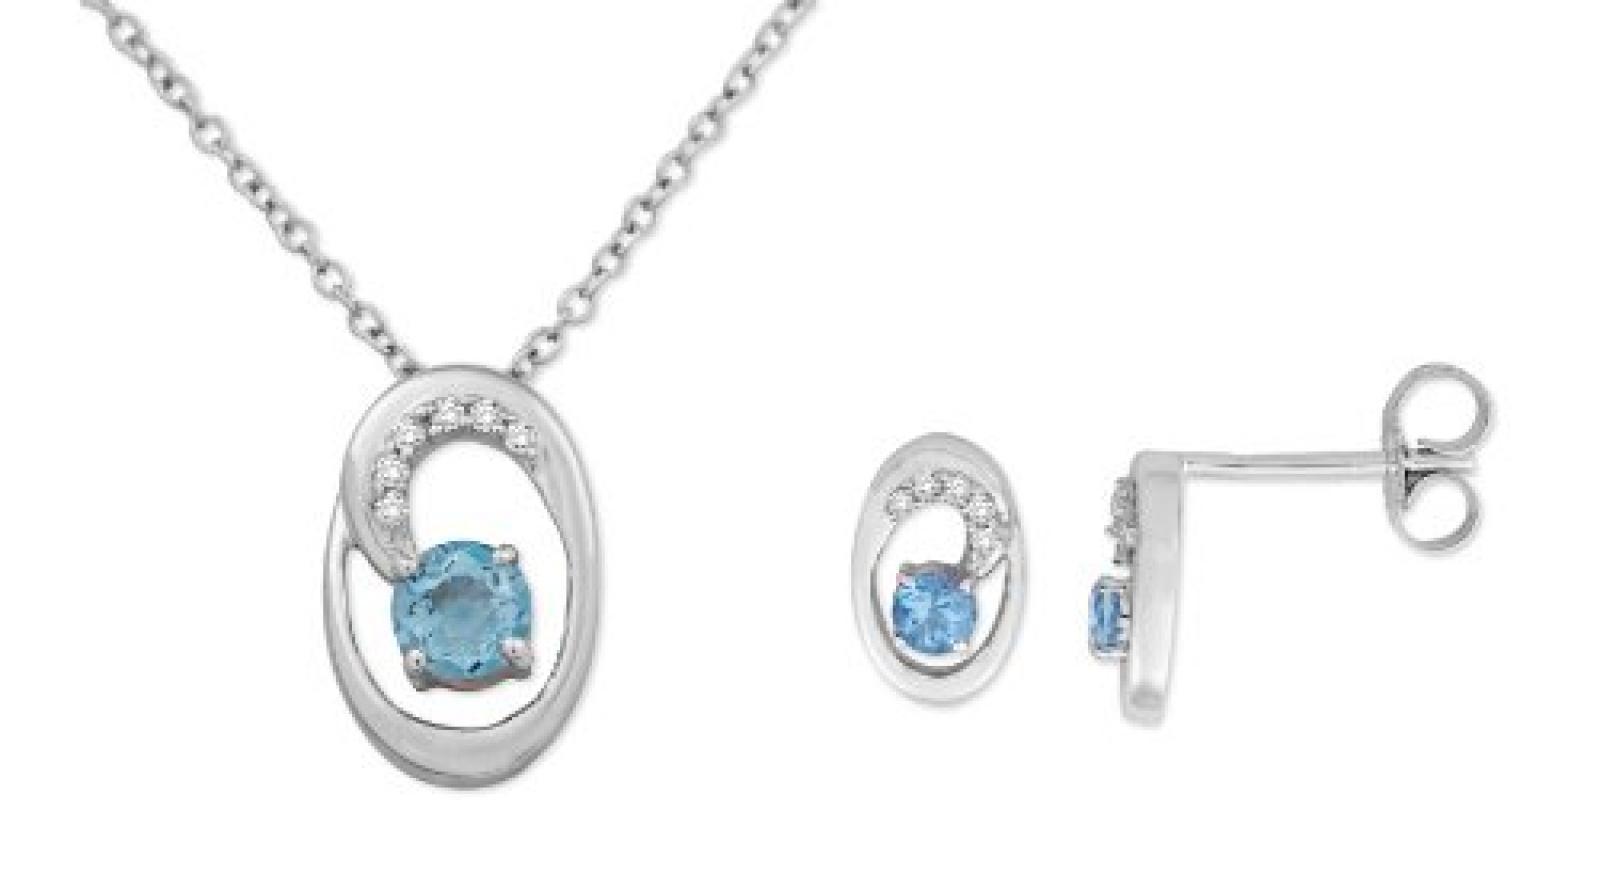 MIORE Damen-SchmuckSet Ohrringe und Anhänger 9 Karat (375) Weißgold Blau Topas und Diamant- USP029W